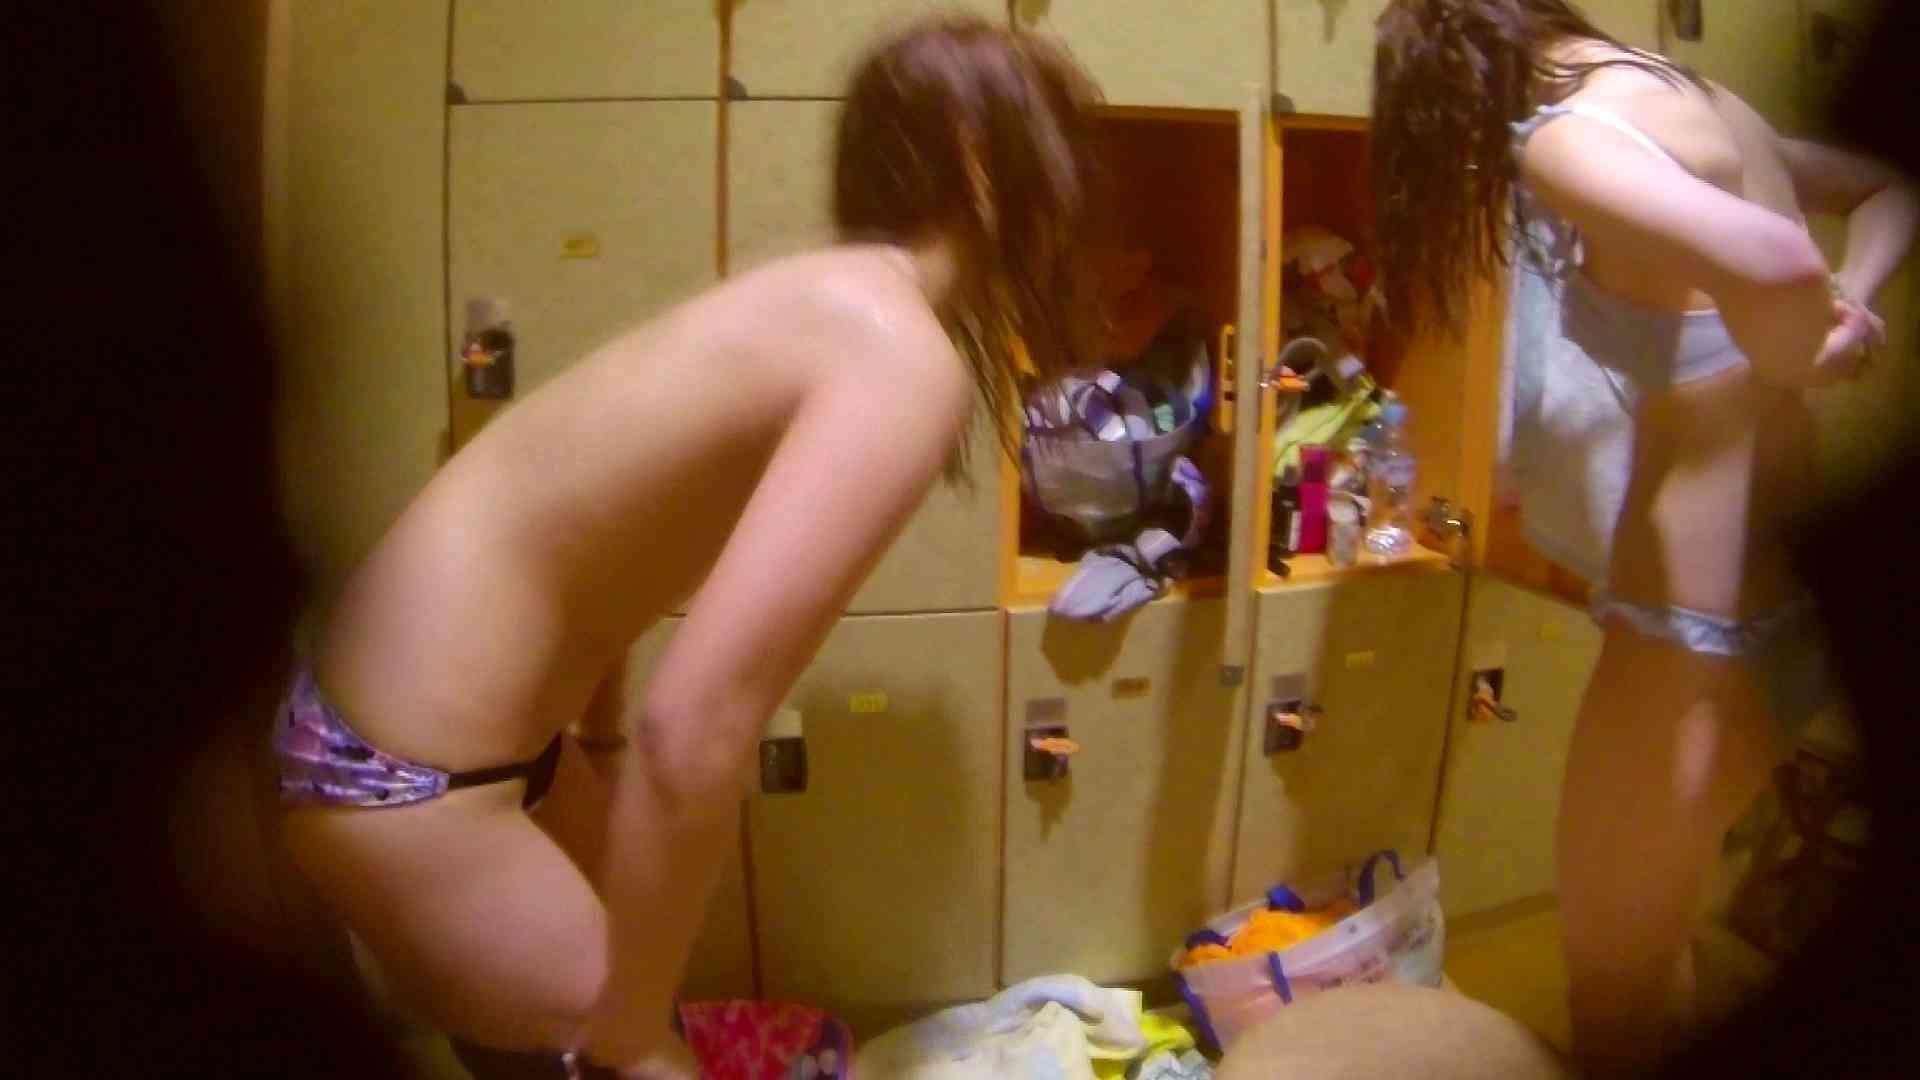 追い撮り!脱衣~洗い場、そして着替え、髪を乾かすまで完全追跡。 友人・知人 おめこ無修正動画無料 84枚 74